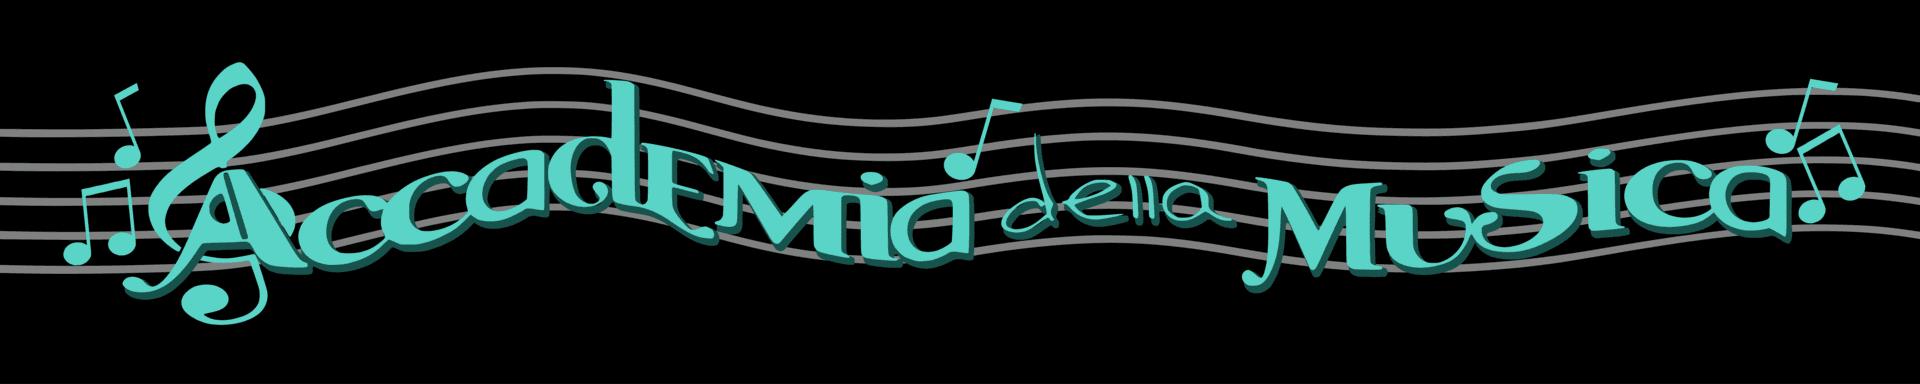 ACCADEMIA DELLA MUSICA - LOGO